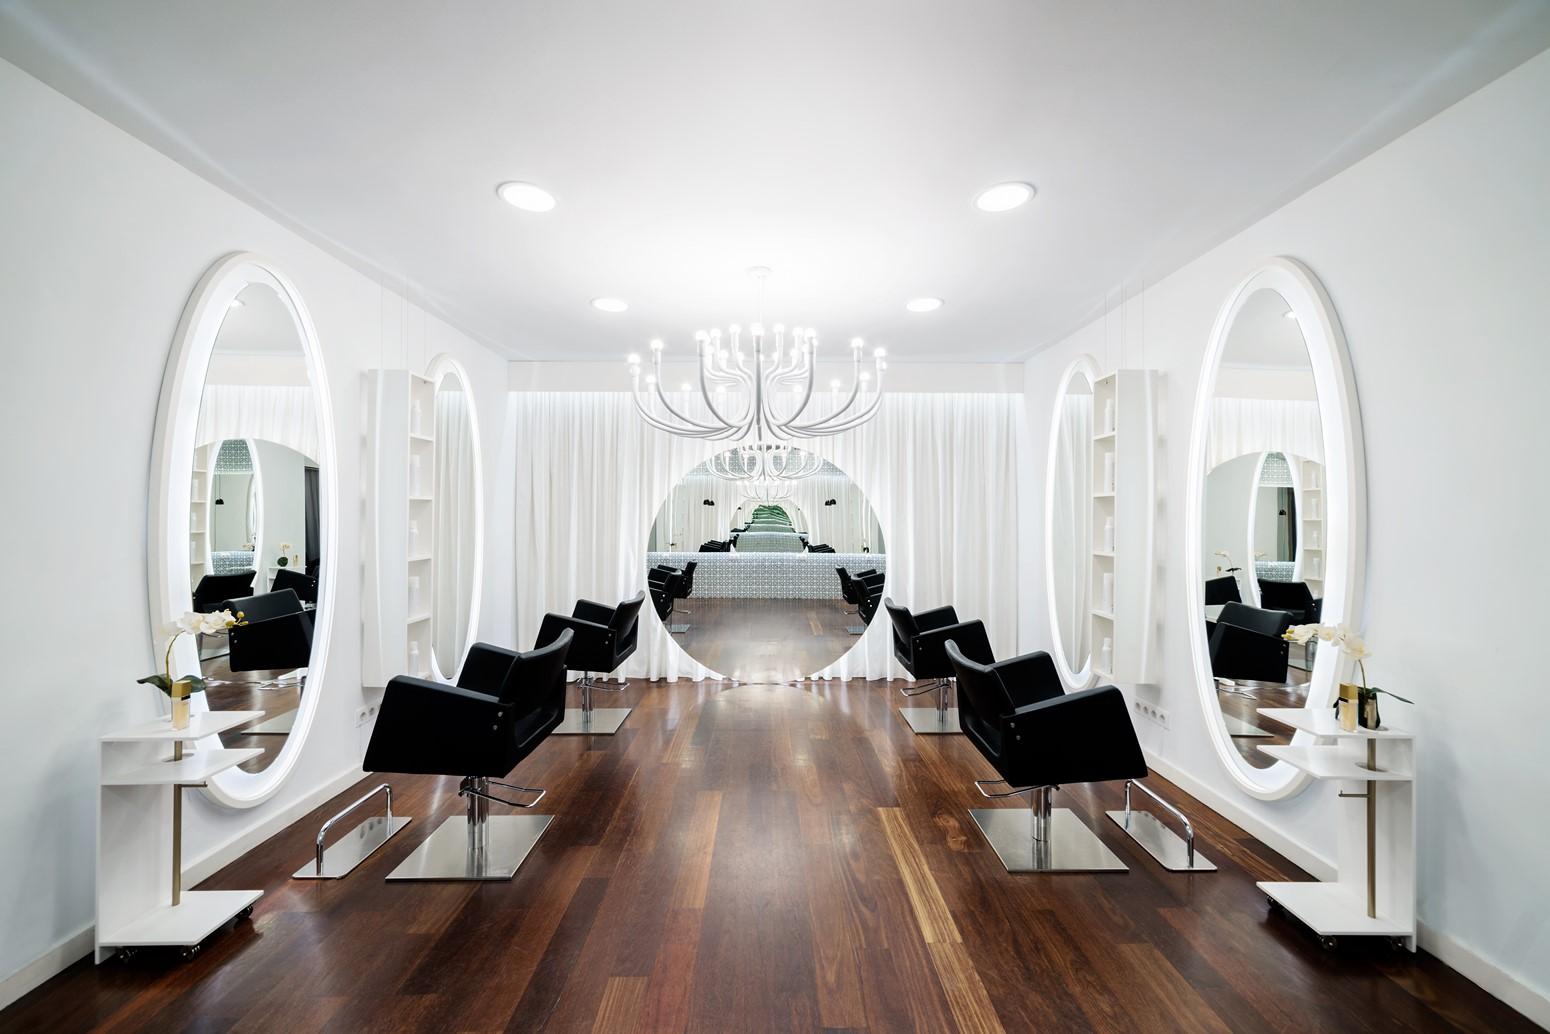 Peluquer a vanitas espai dise ar para la vanidad for Disenos de espejos para peluqueria